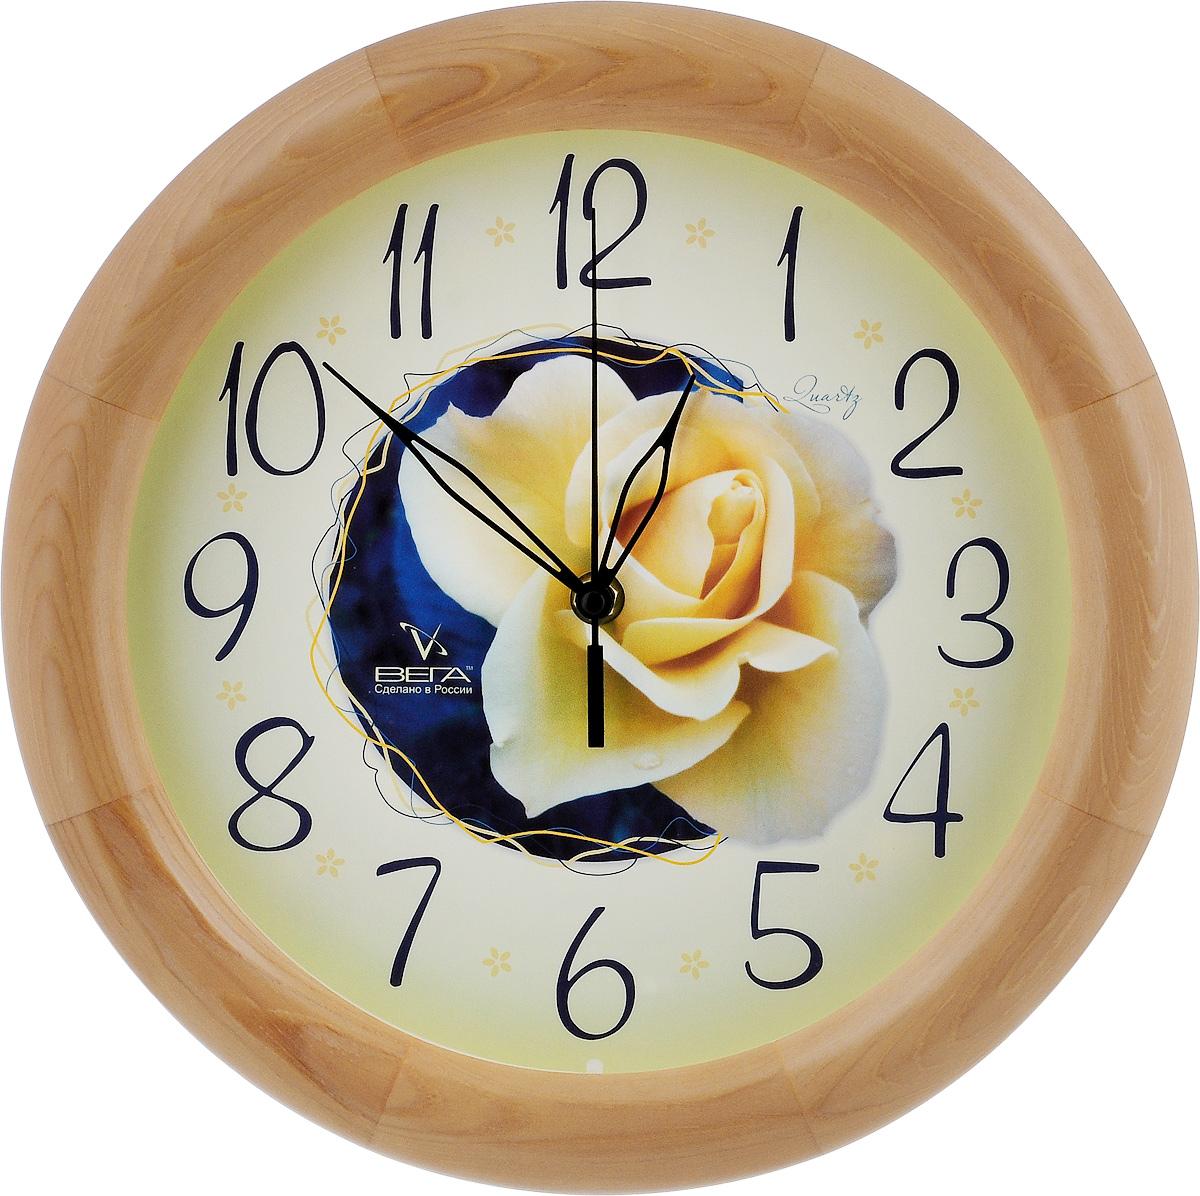 Часы настенные Вега Роза, диаметр 30 см59374Настенные кварцевые часы Вега Роза, изготовленные из дерева, прекрасно впишутся в интерьер вашего дома. Часы имеют три стрелки: часовую, минутную и секундную, циферблат защищен прозрачным стеклом. Часы работают от 1 батарейки типа АА напряжением 1,5 В (не входит в комплект).Диаметр часов: 30 см.